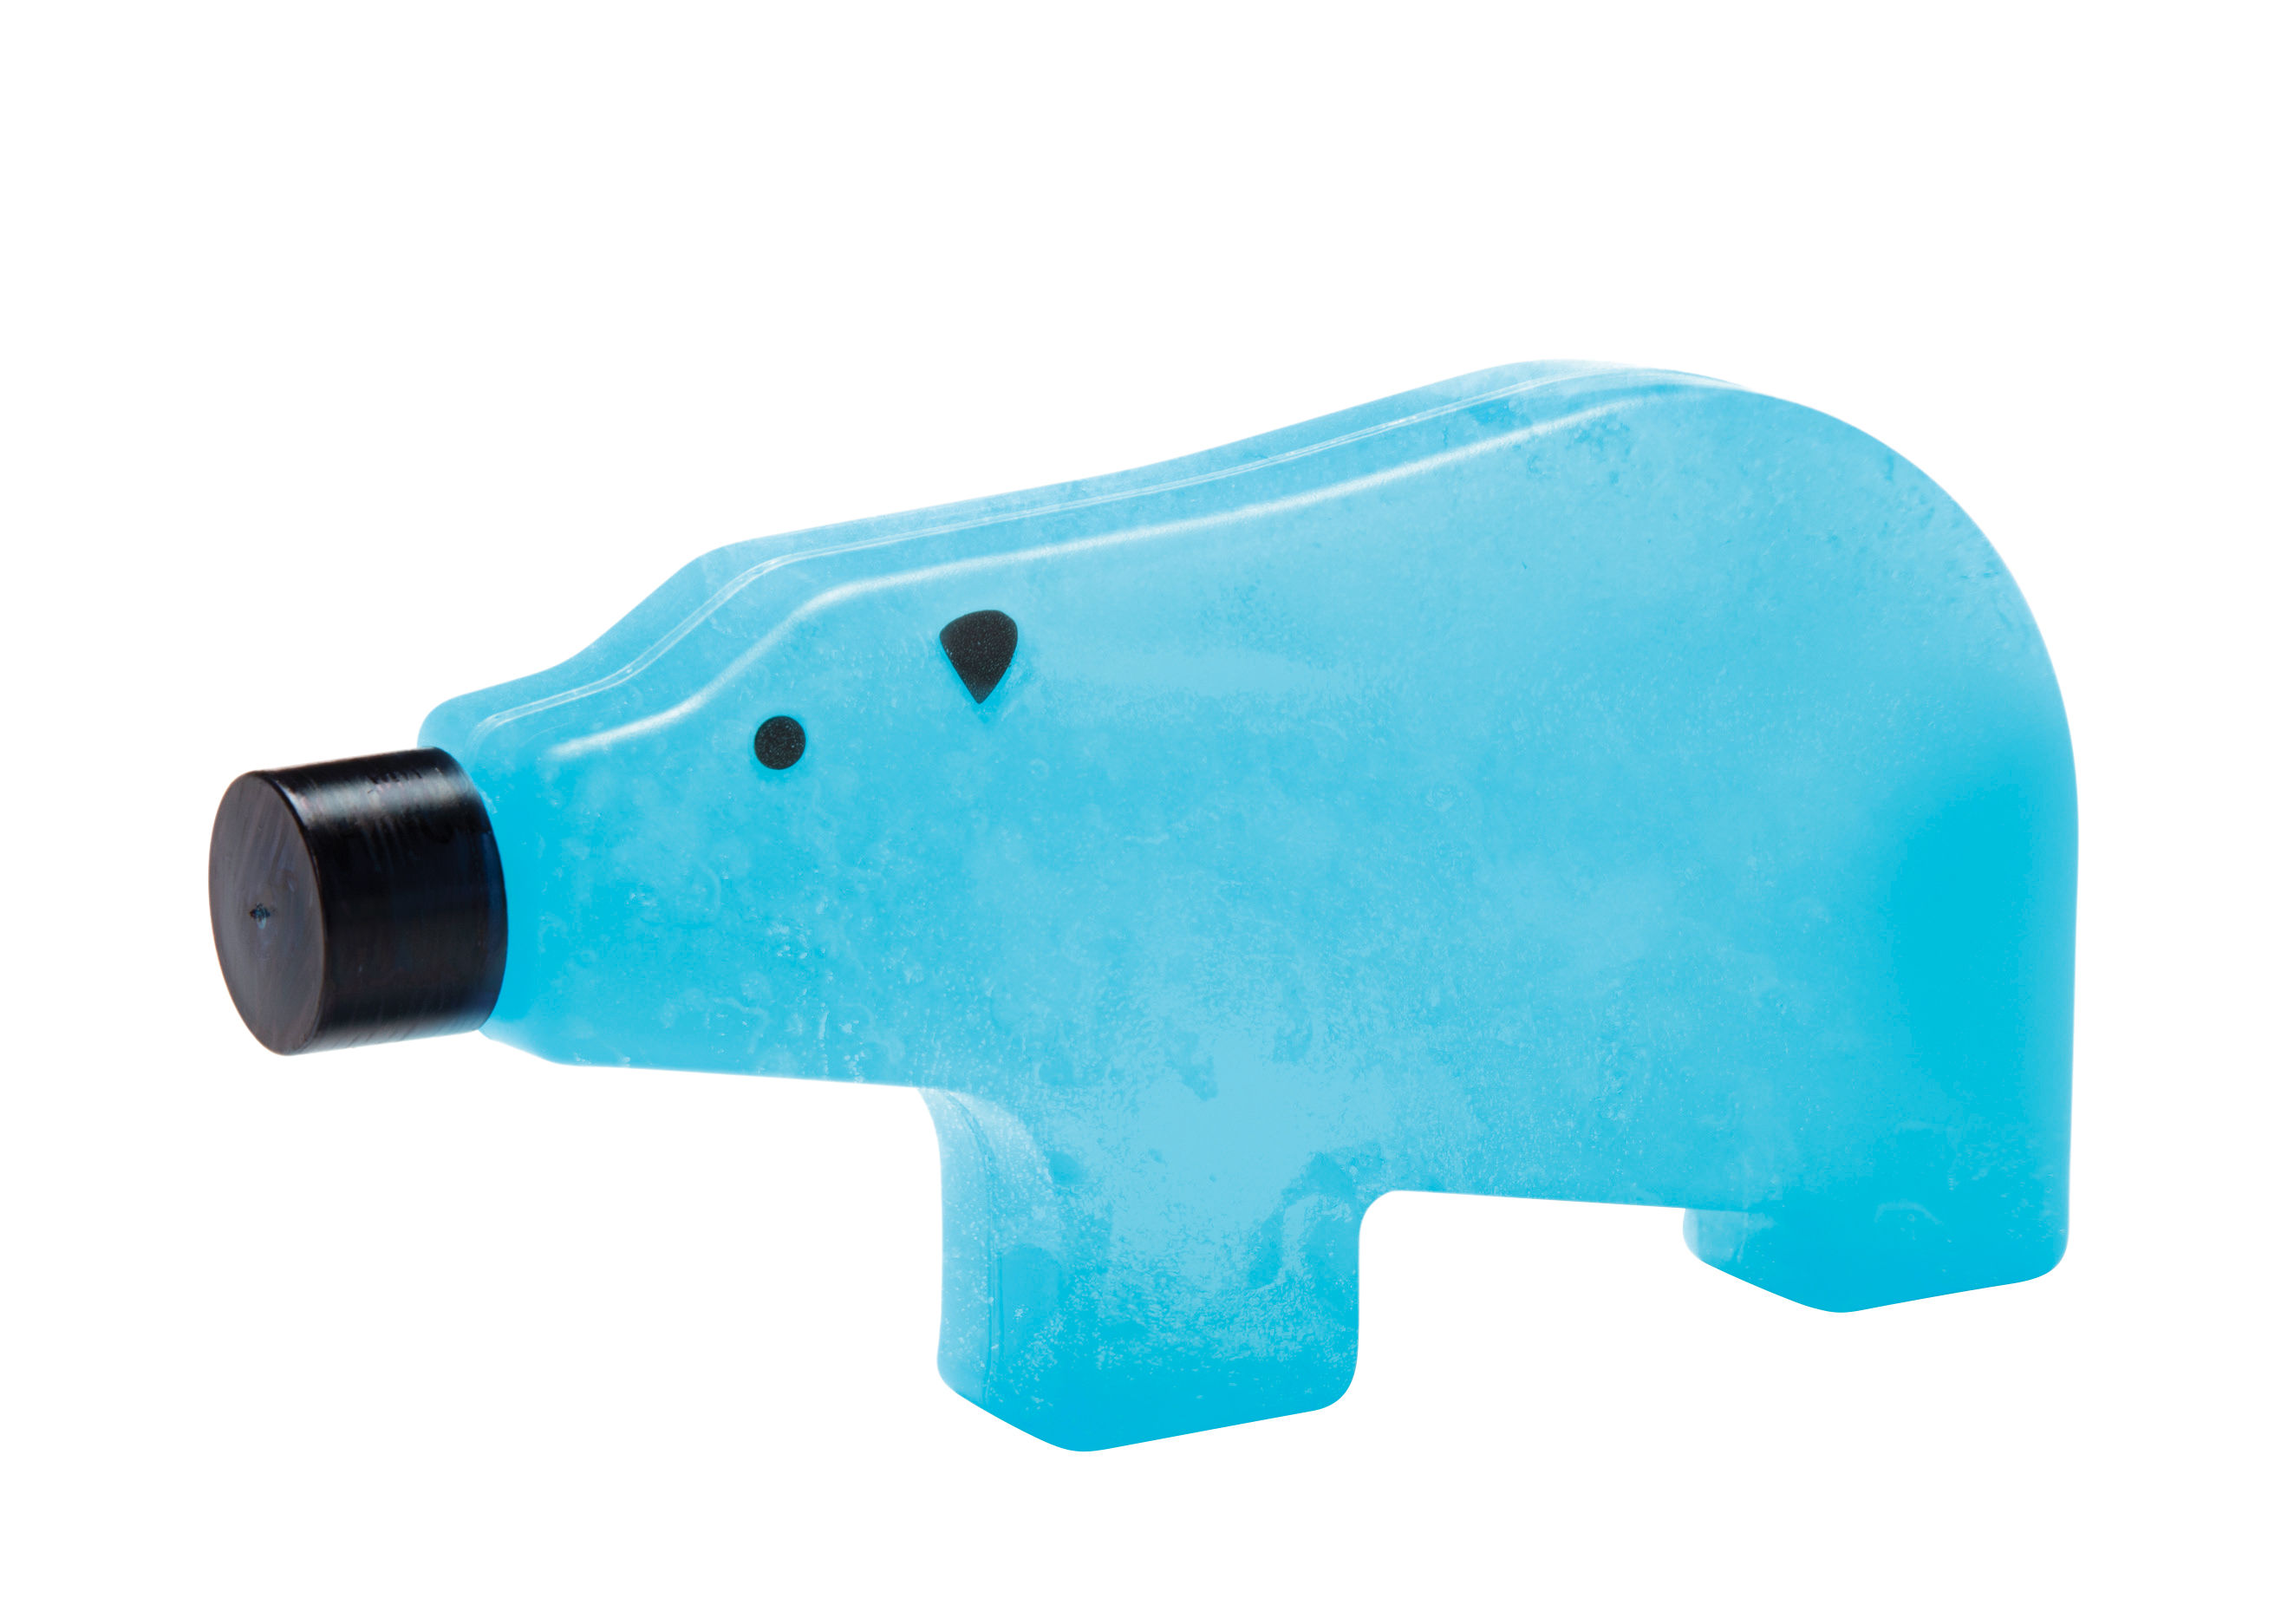 Arts de la table - Accessoires - Bloc réfrigérant Blue bear / Large - L 18 cm - Pa Design - Large / Bleu - Plastique alimentaire